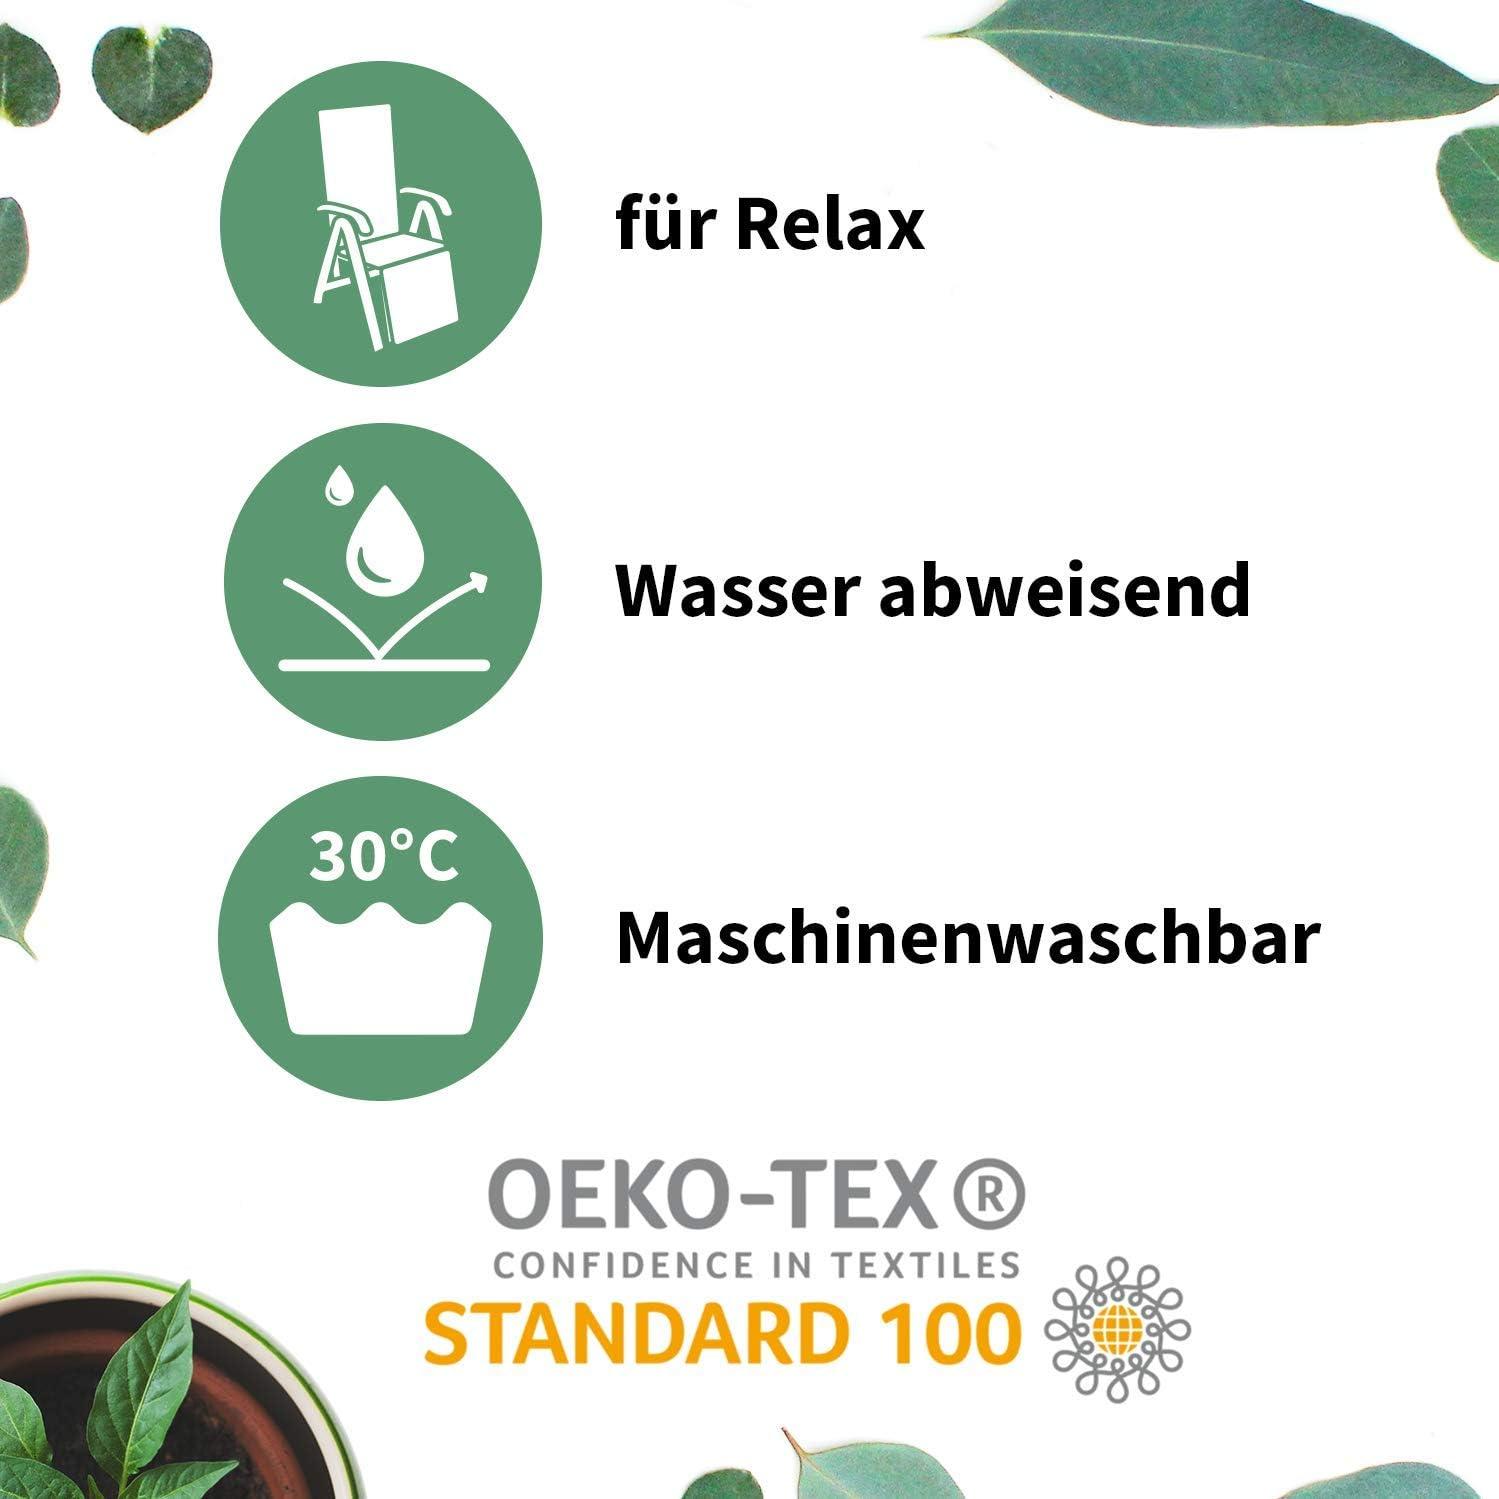 Beo Gartenm/öbel Auflage f/ür Relaxst/ühle 171x50 cm 6cm Dick in Uni hellgrau